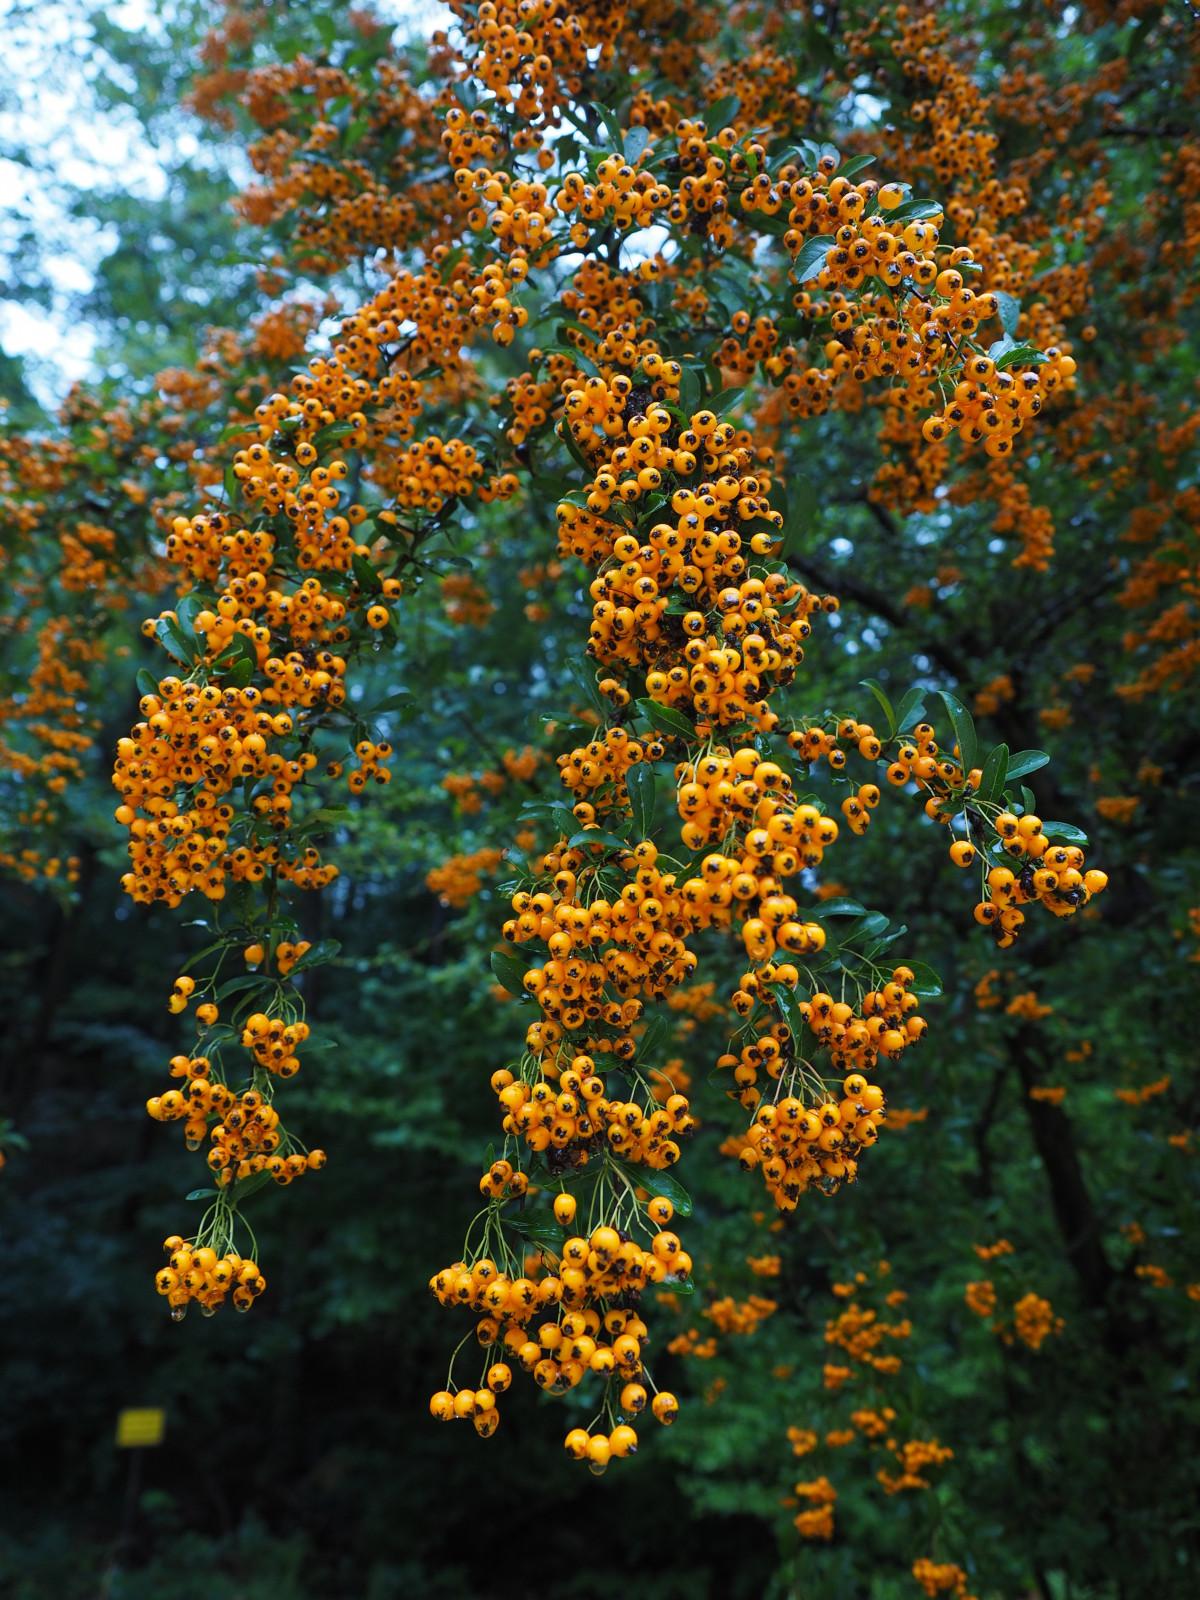 Porno buisson d'orange gratuit